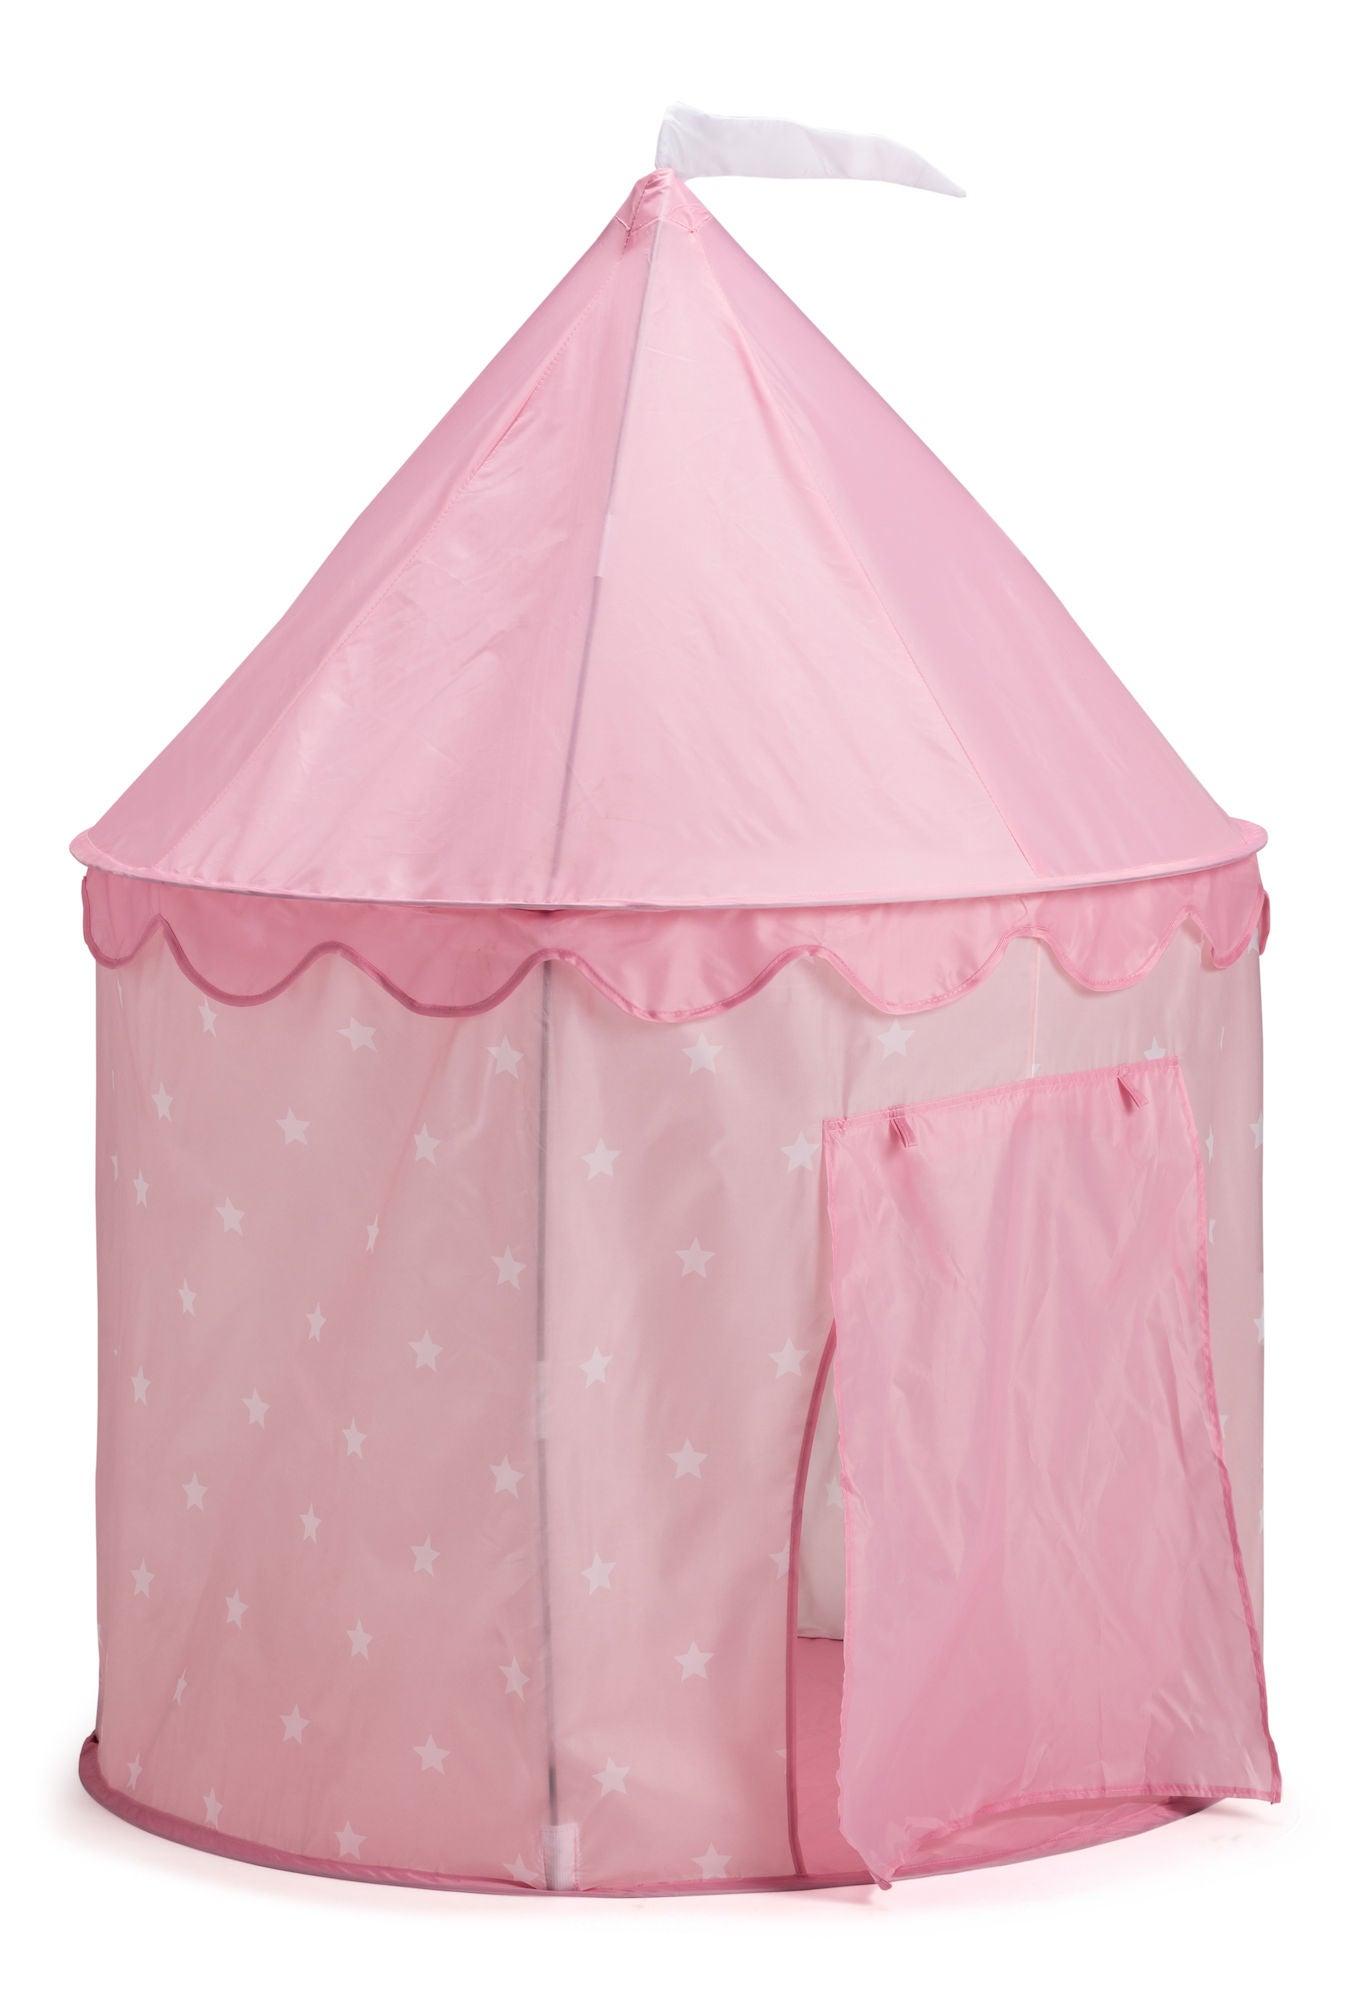 Cloudberry Castle Leikkiteltta Star, Vaaleanpunainen